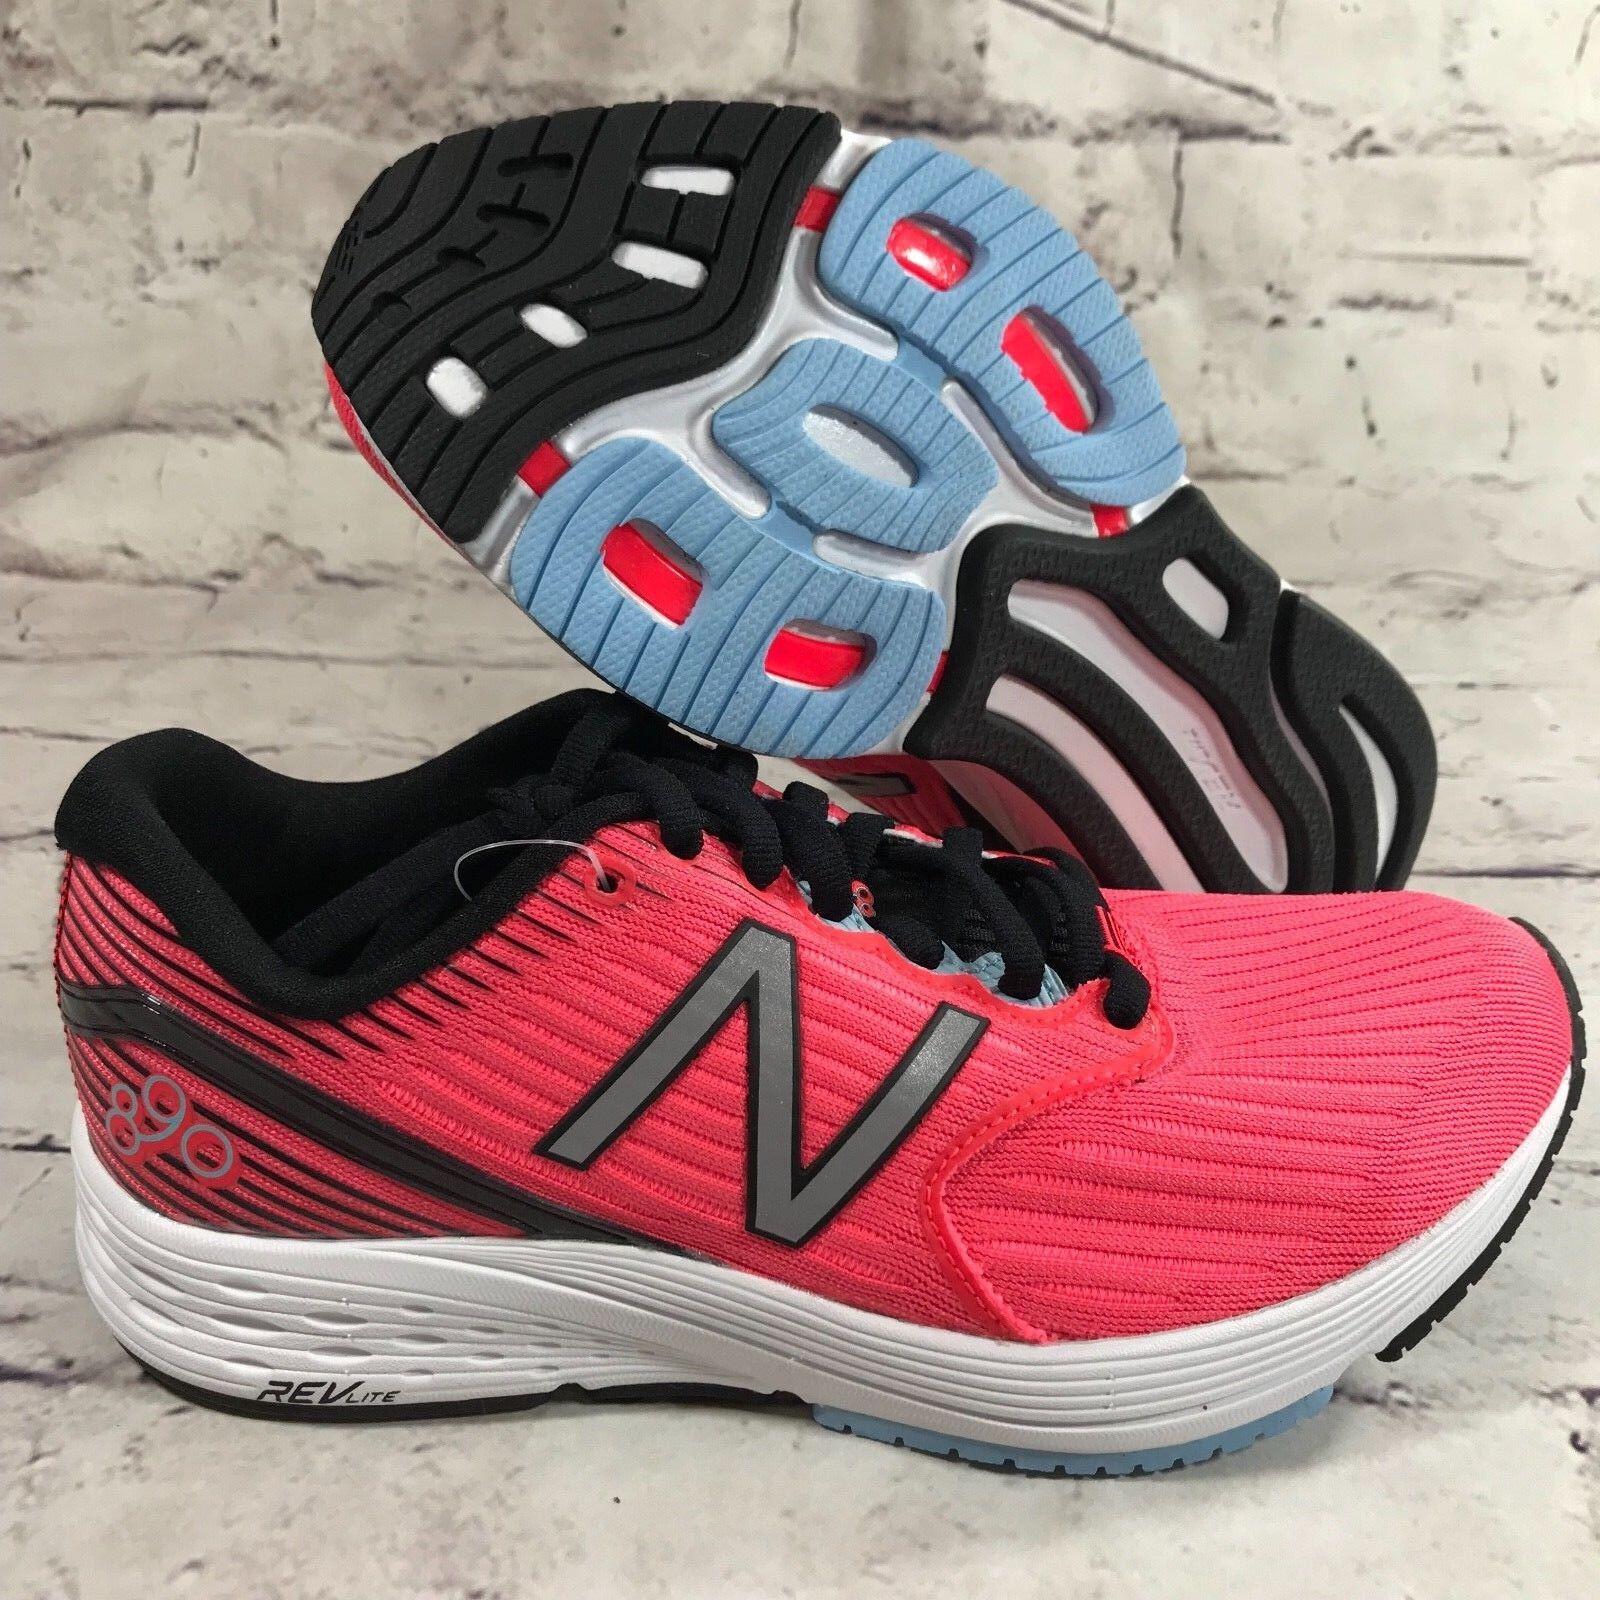 Nuevo New Balance Balance Balance 890v6 rosado Coral para Mujer Zapatos Correr w890cb6  en venta en línea